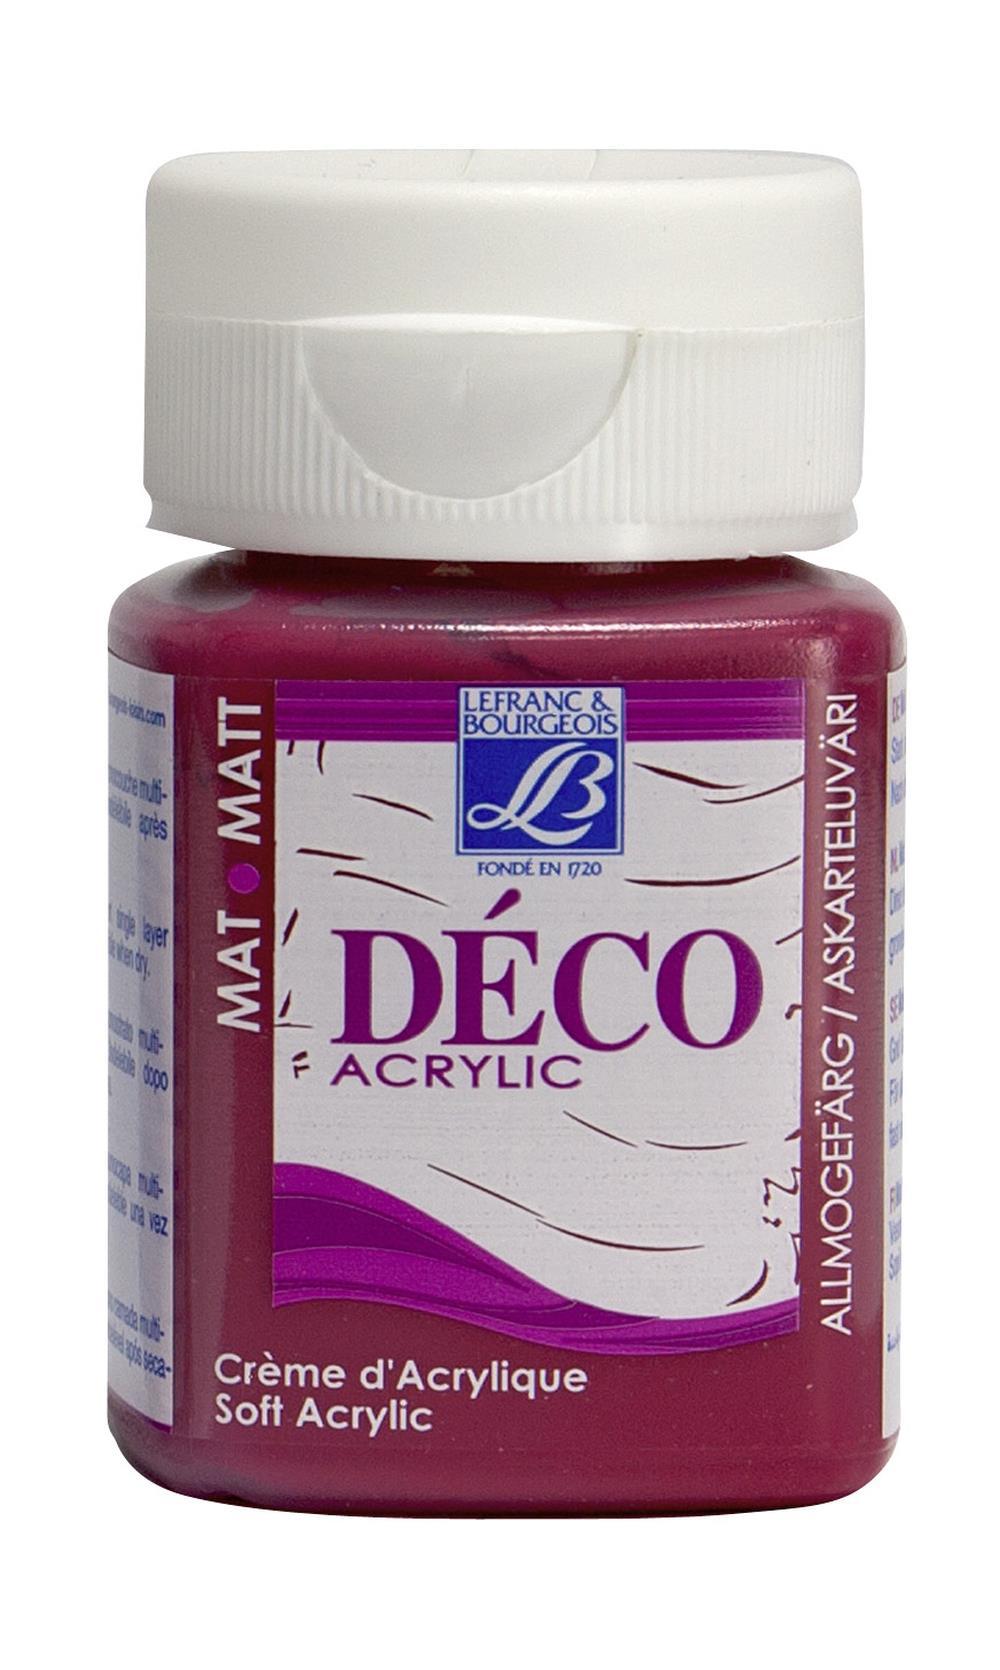 Hobbyfärg L&B Deco Matt Akryl 50ml Passion red warm 323 (4F) Utgår